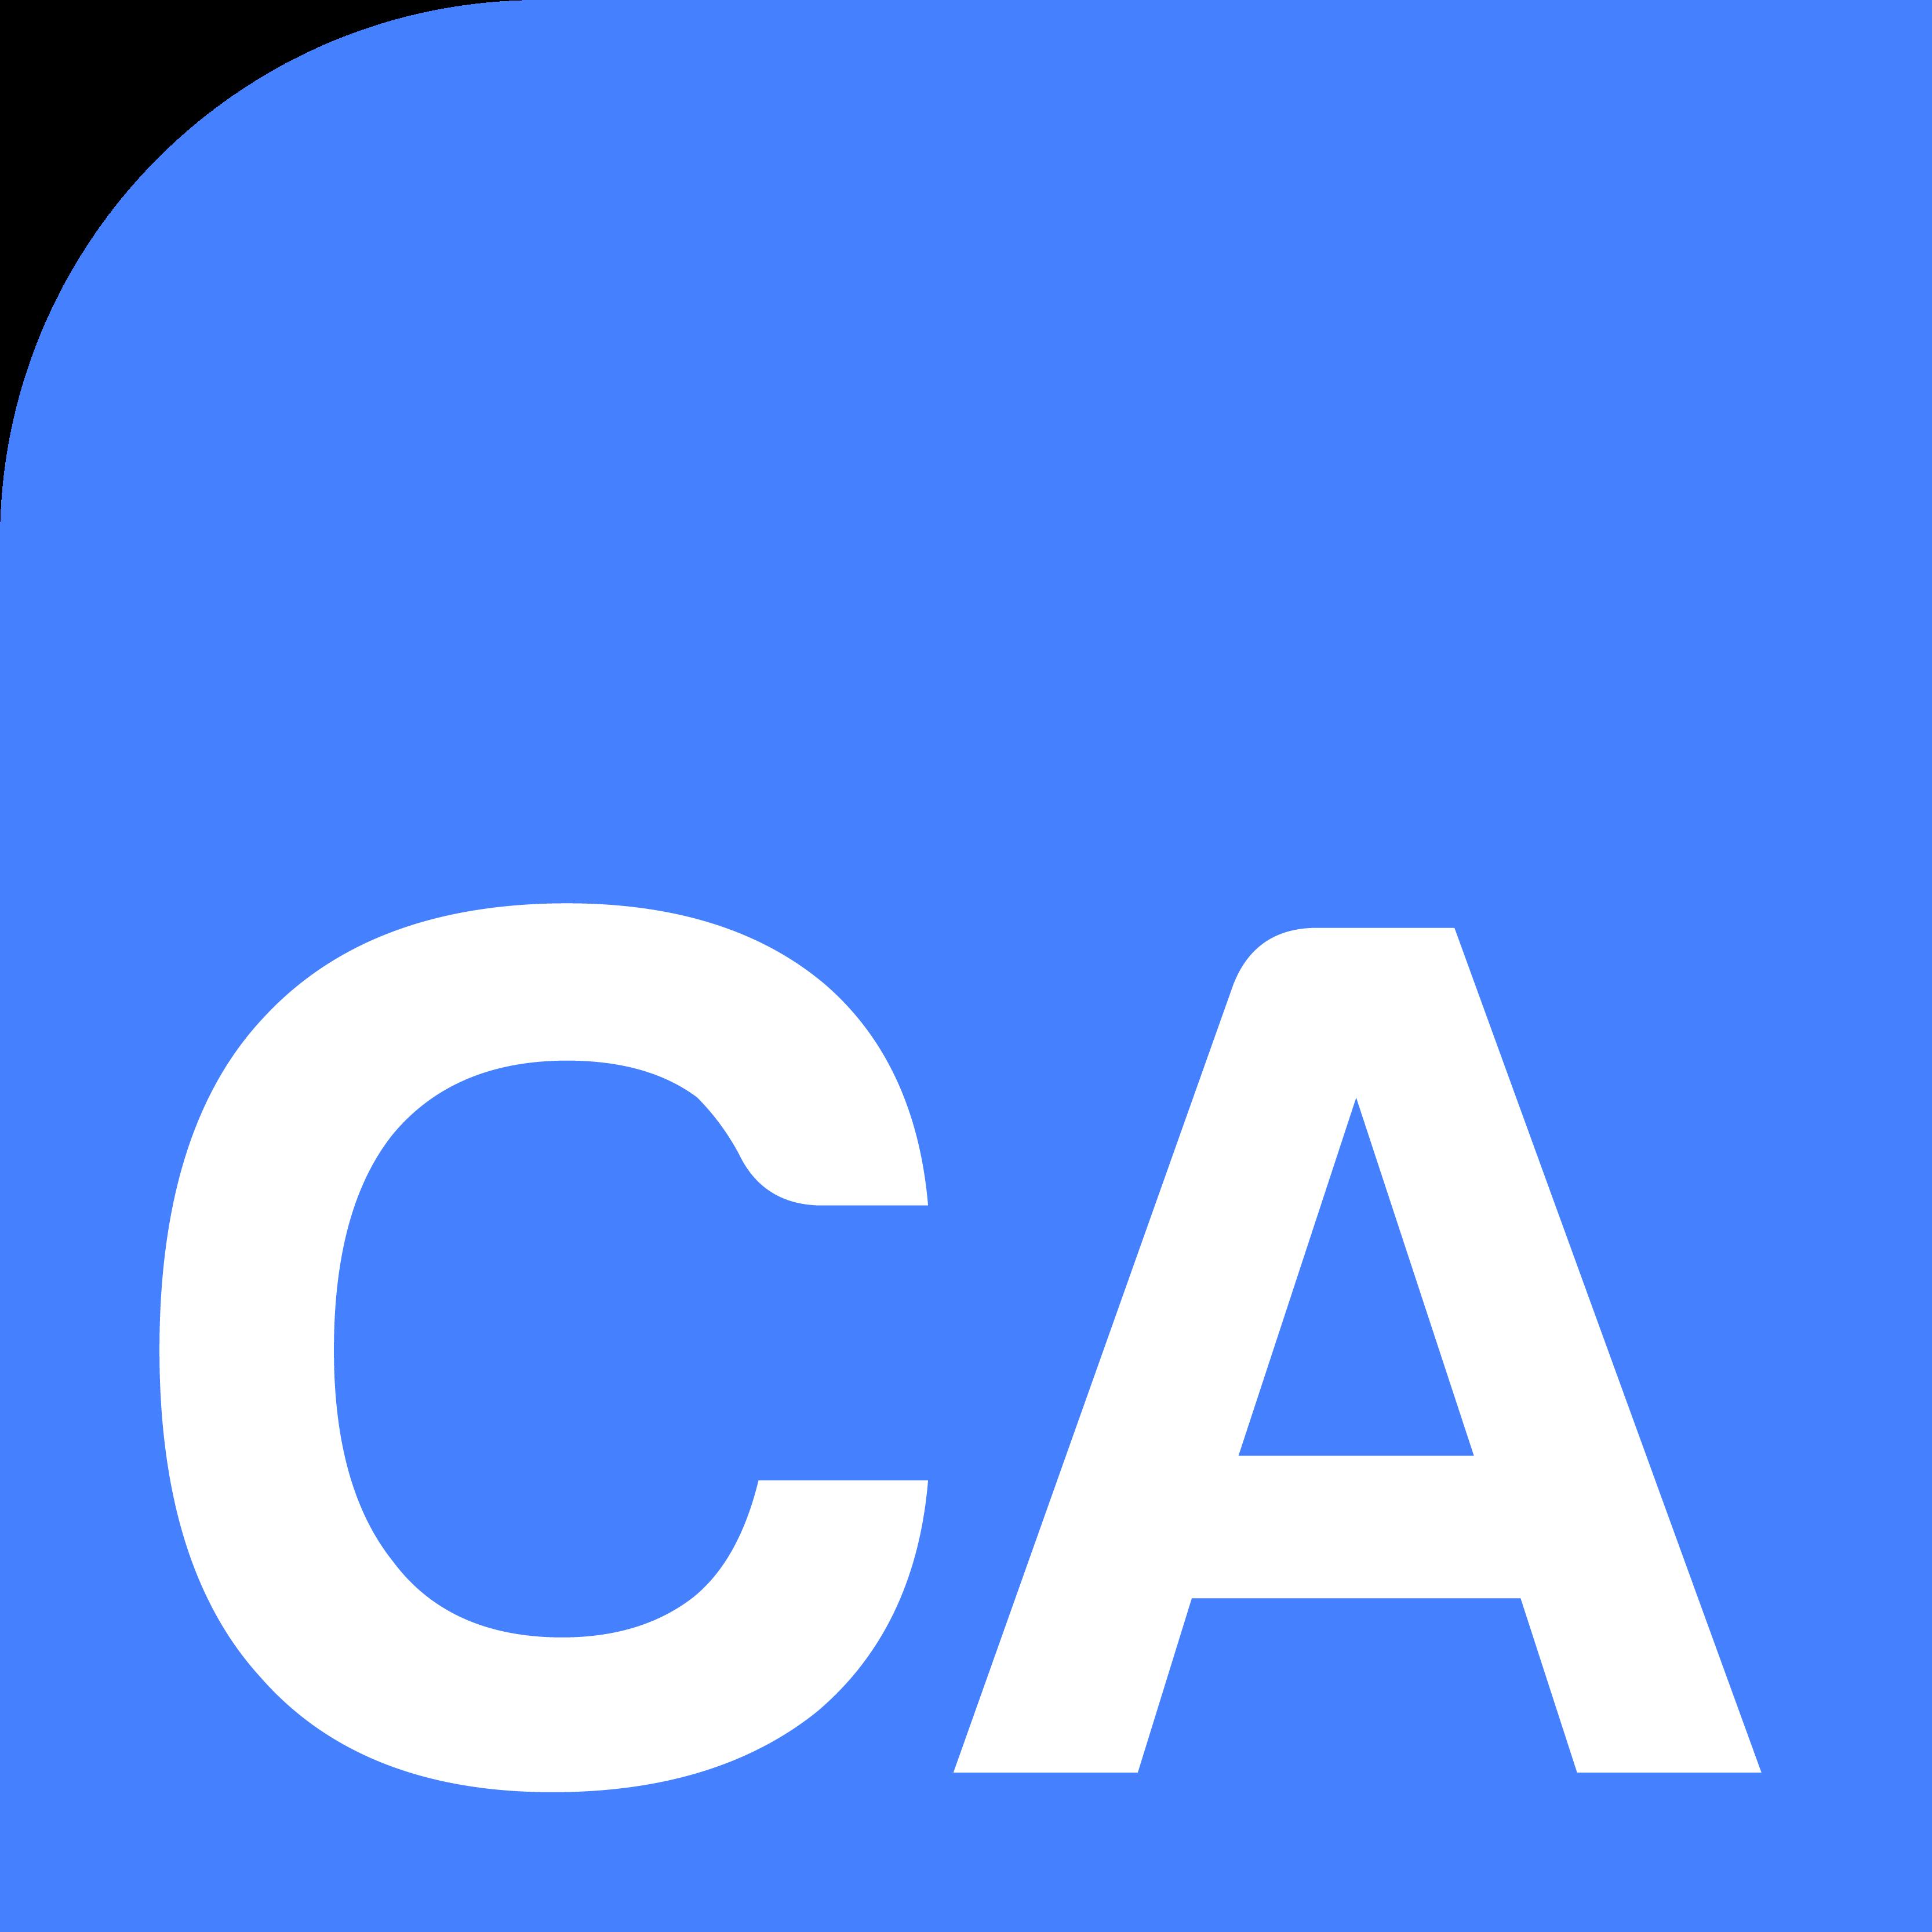 Logo ContaAzul